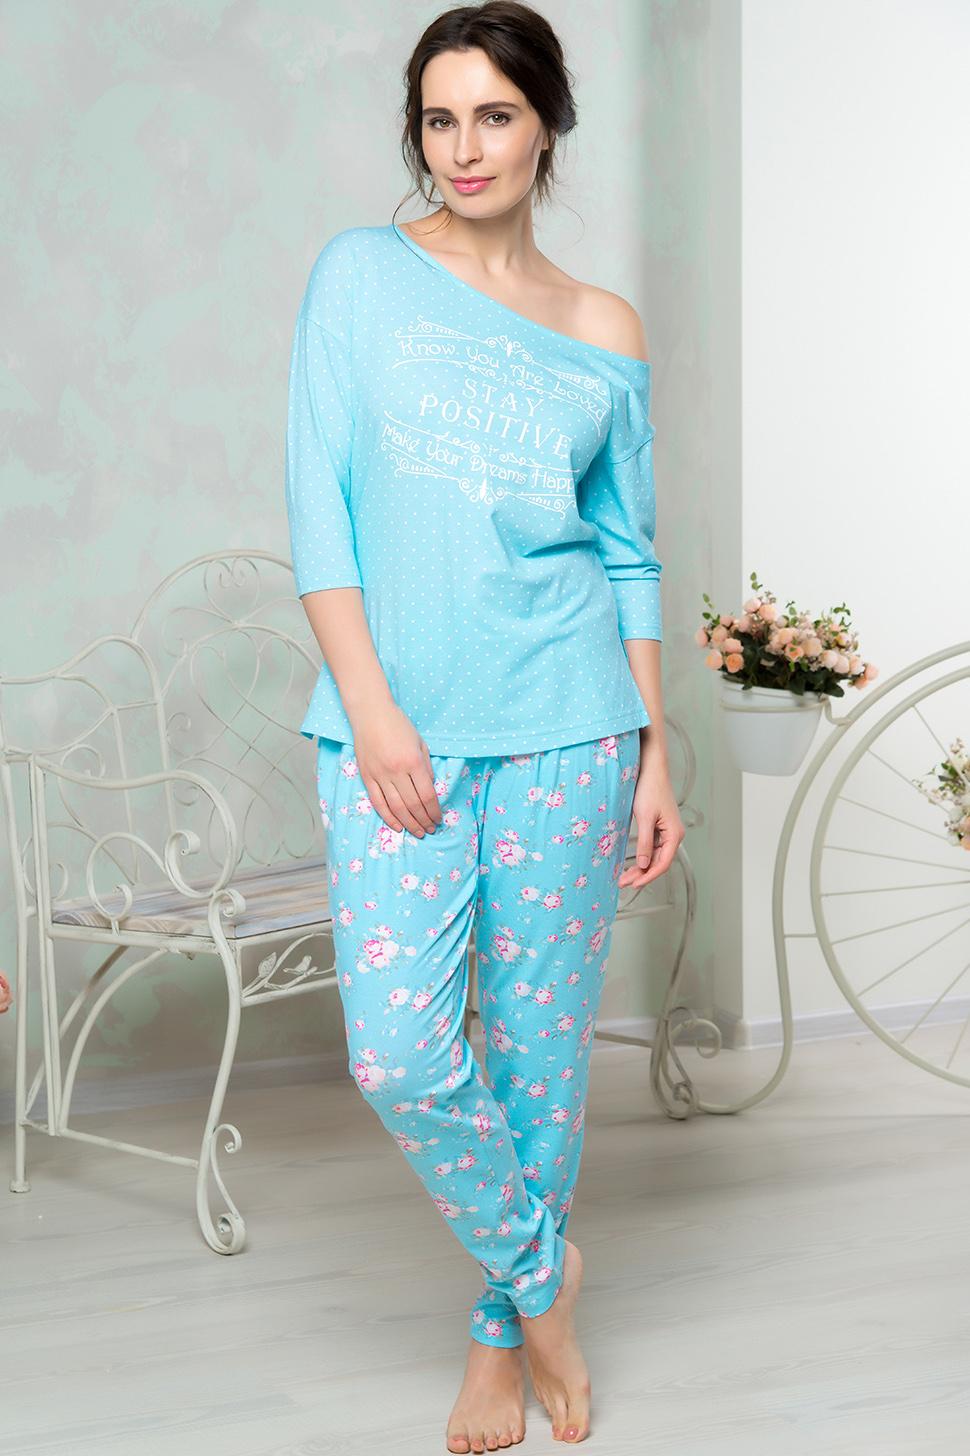 Костюмы для дома и отдыха Mia Cara Костюм для дома Kerensa Цвет: Голубой (xxL) пижама женская mia cara футболка шорты цвет розовый бежевый ss16 mcuz 293 размер 50 52